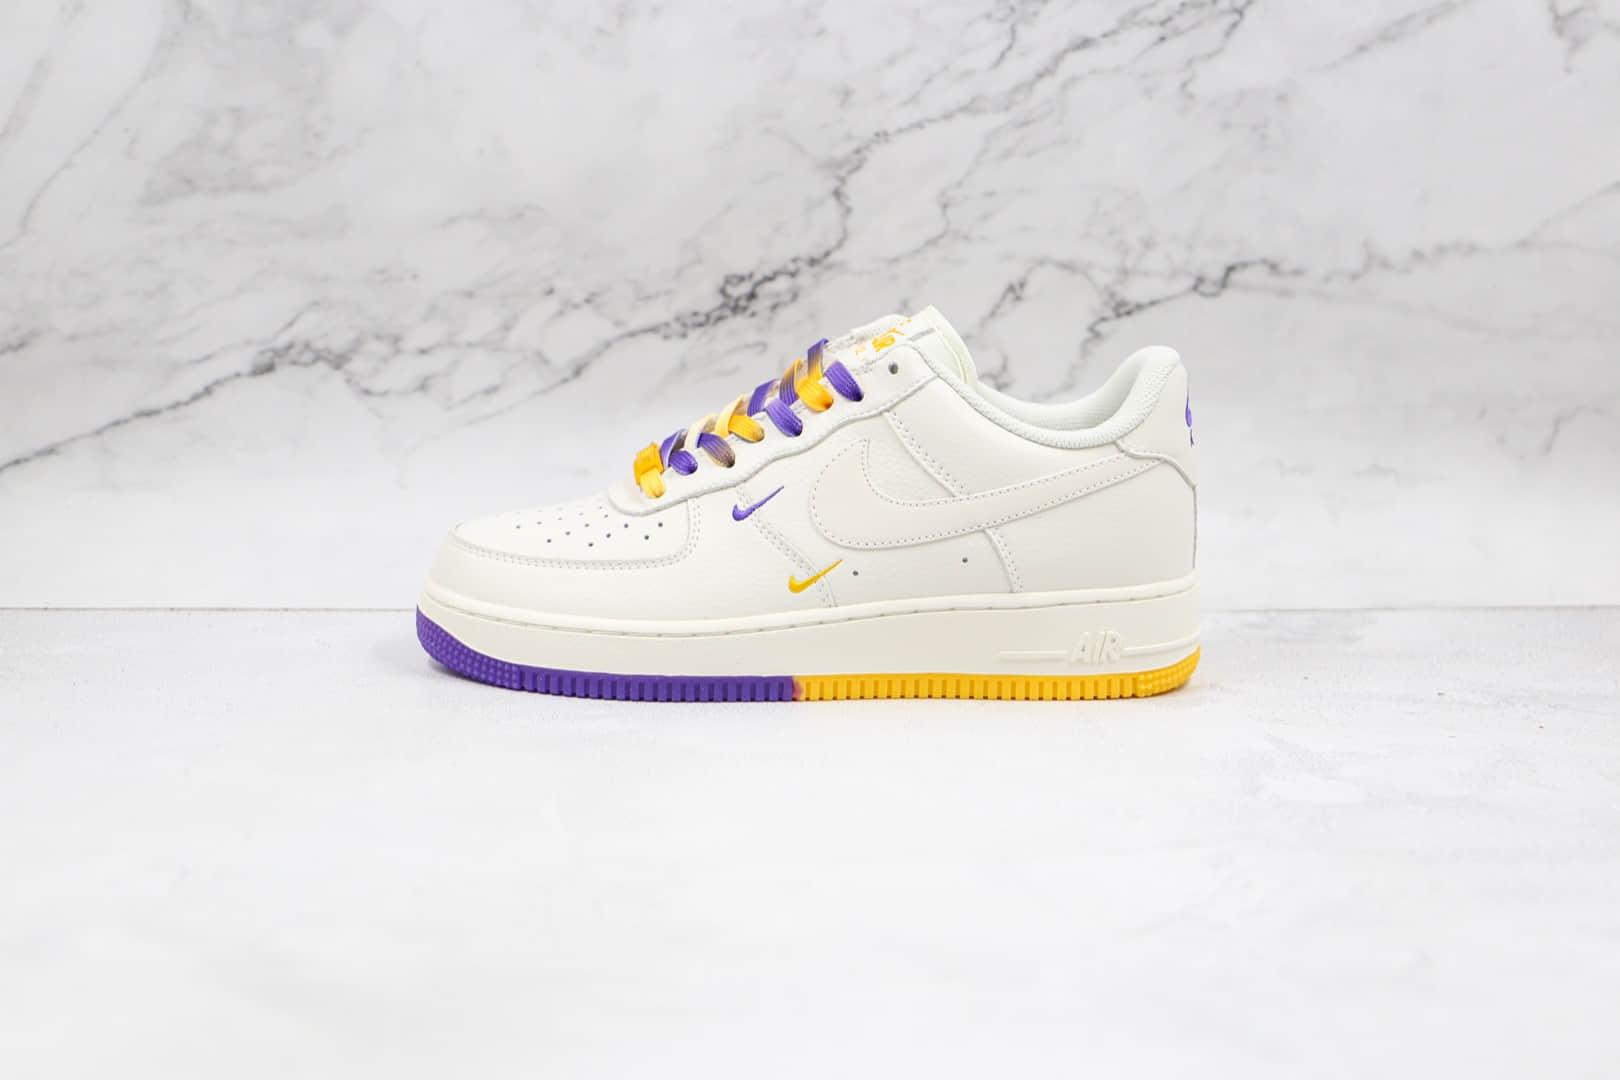 耐克Nike Air Force 1 Low 07纯原版本低帮空军一号紫金湖人洛杉矶城市限定白黄紫色板鞋原盒原标 货号:CT1989-106